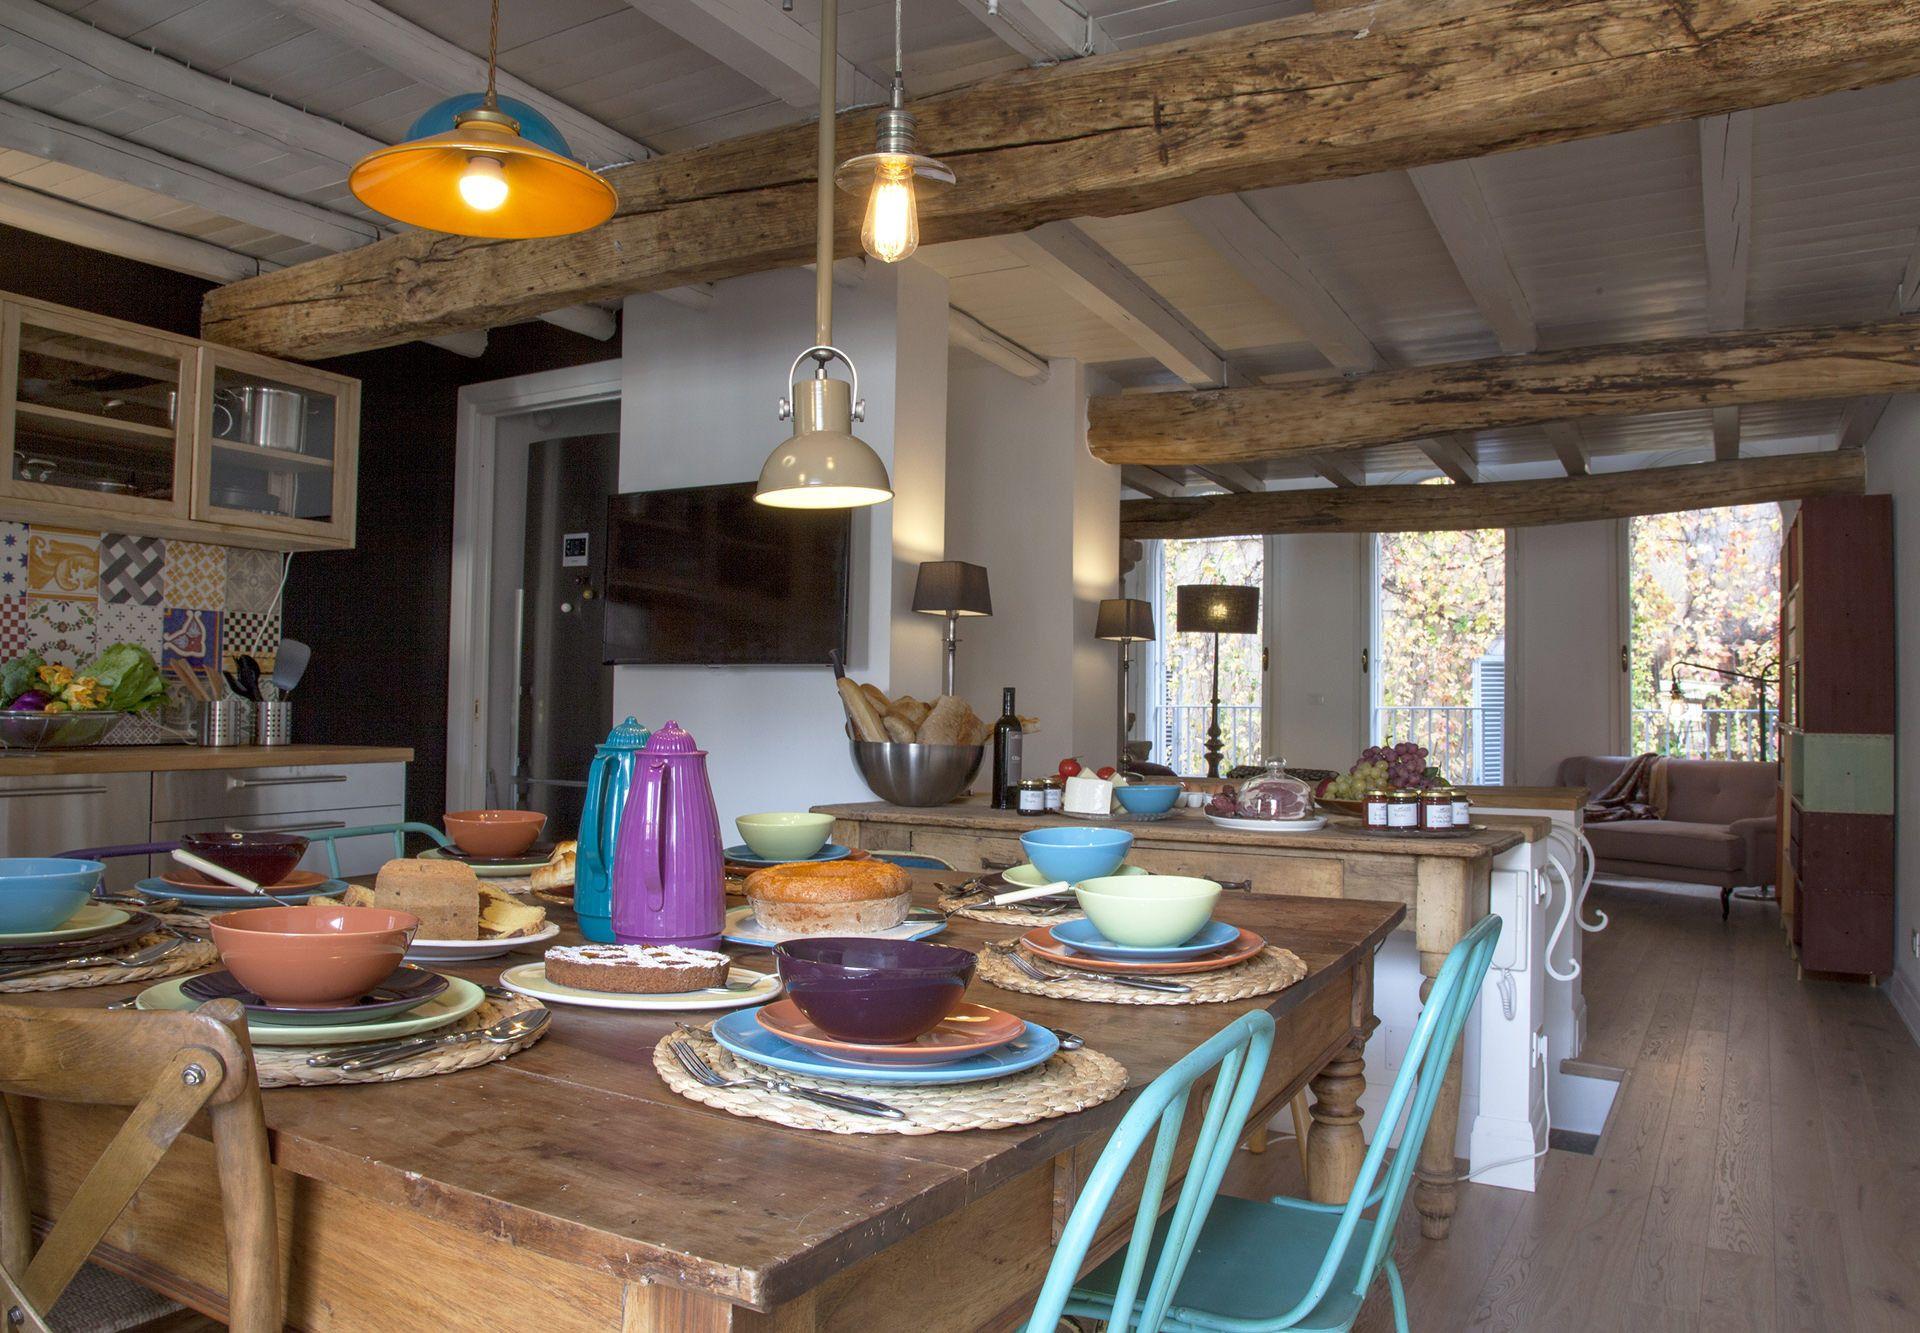 veranda verriere decorazione. Black Bedroom Furniture Sets. Home Design Ideas